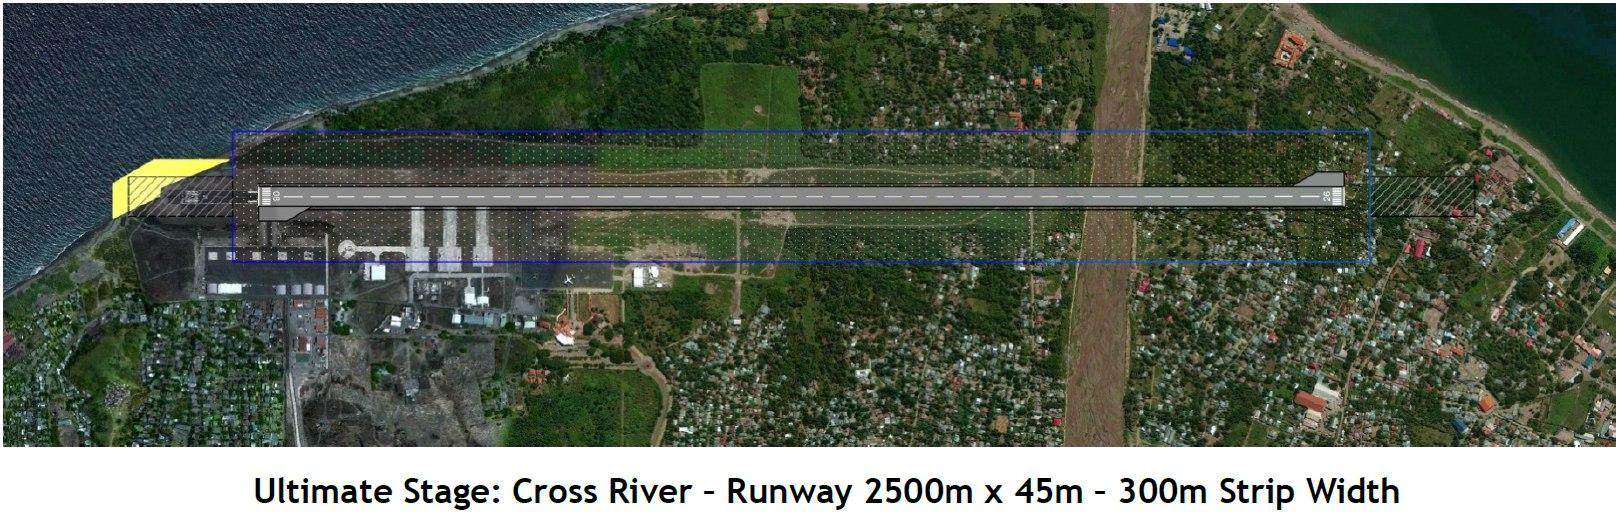 Aeroporto Dili : Parseria públiku privadu atu harii projetu infrastrutura